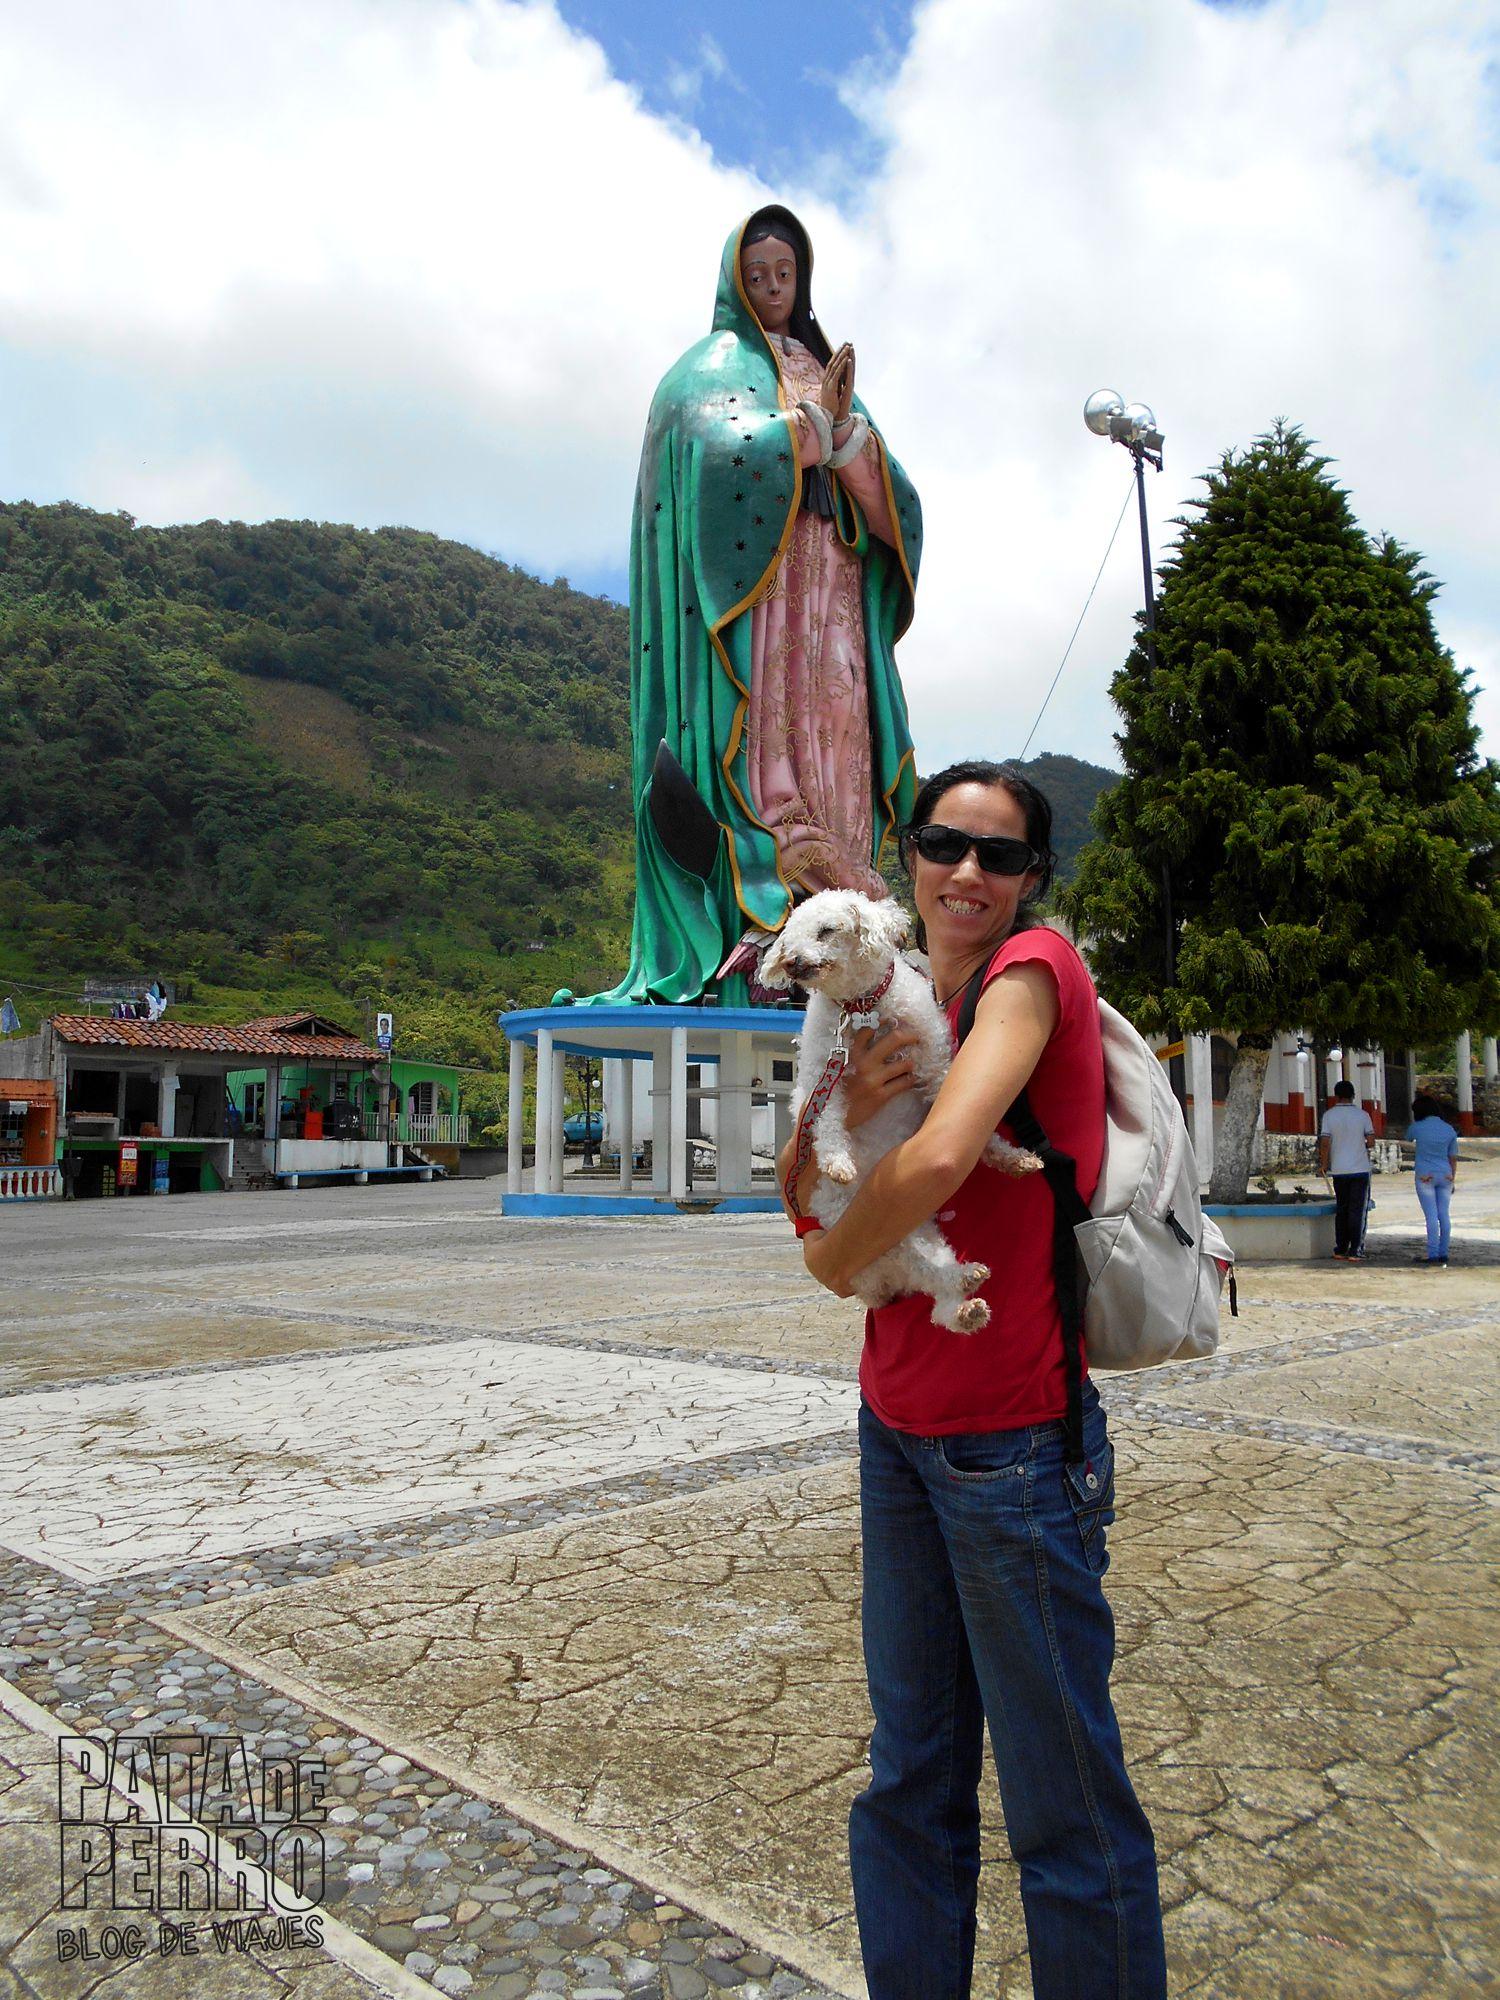 xicotepec puebla con isi virgen gigante mexico pata de perro blog de viajes